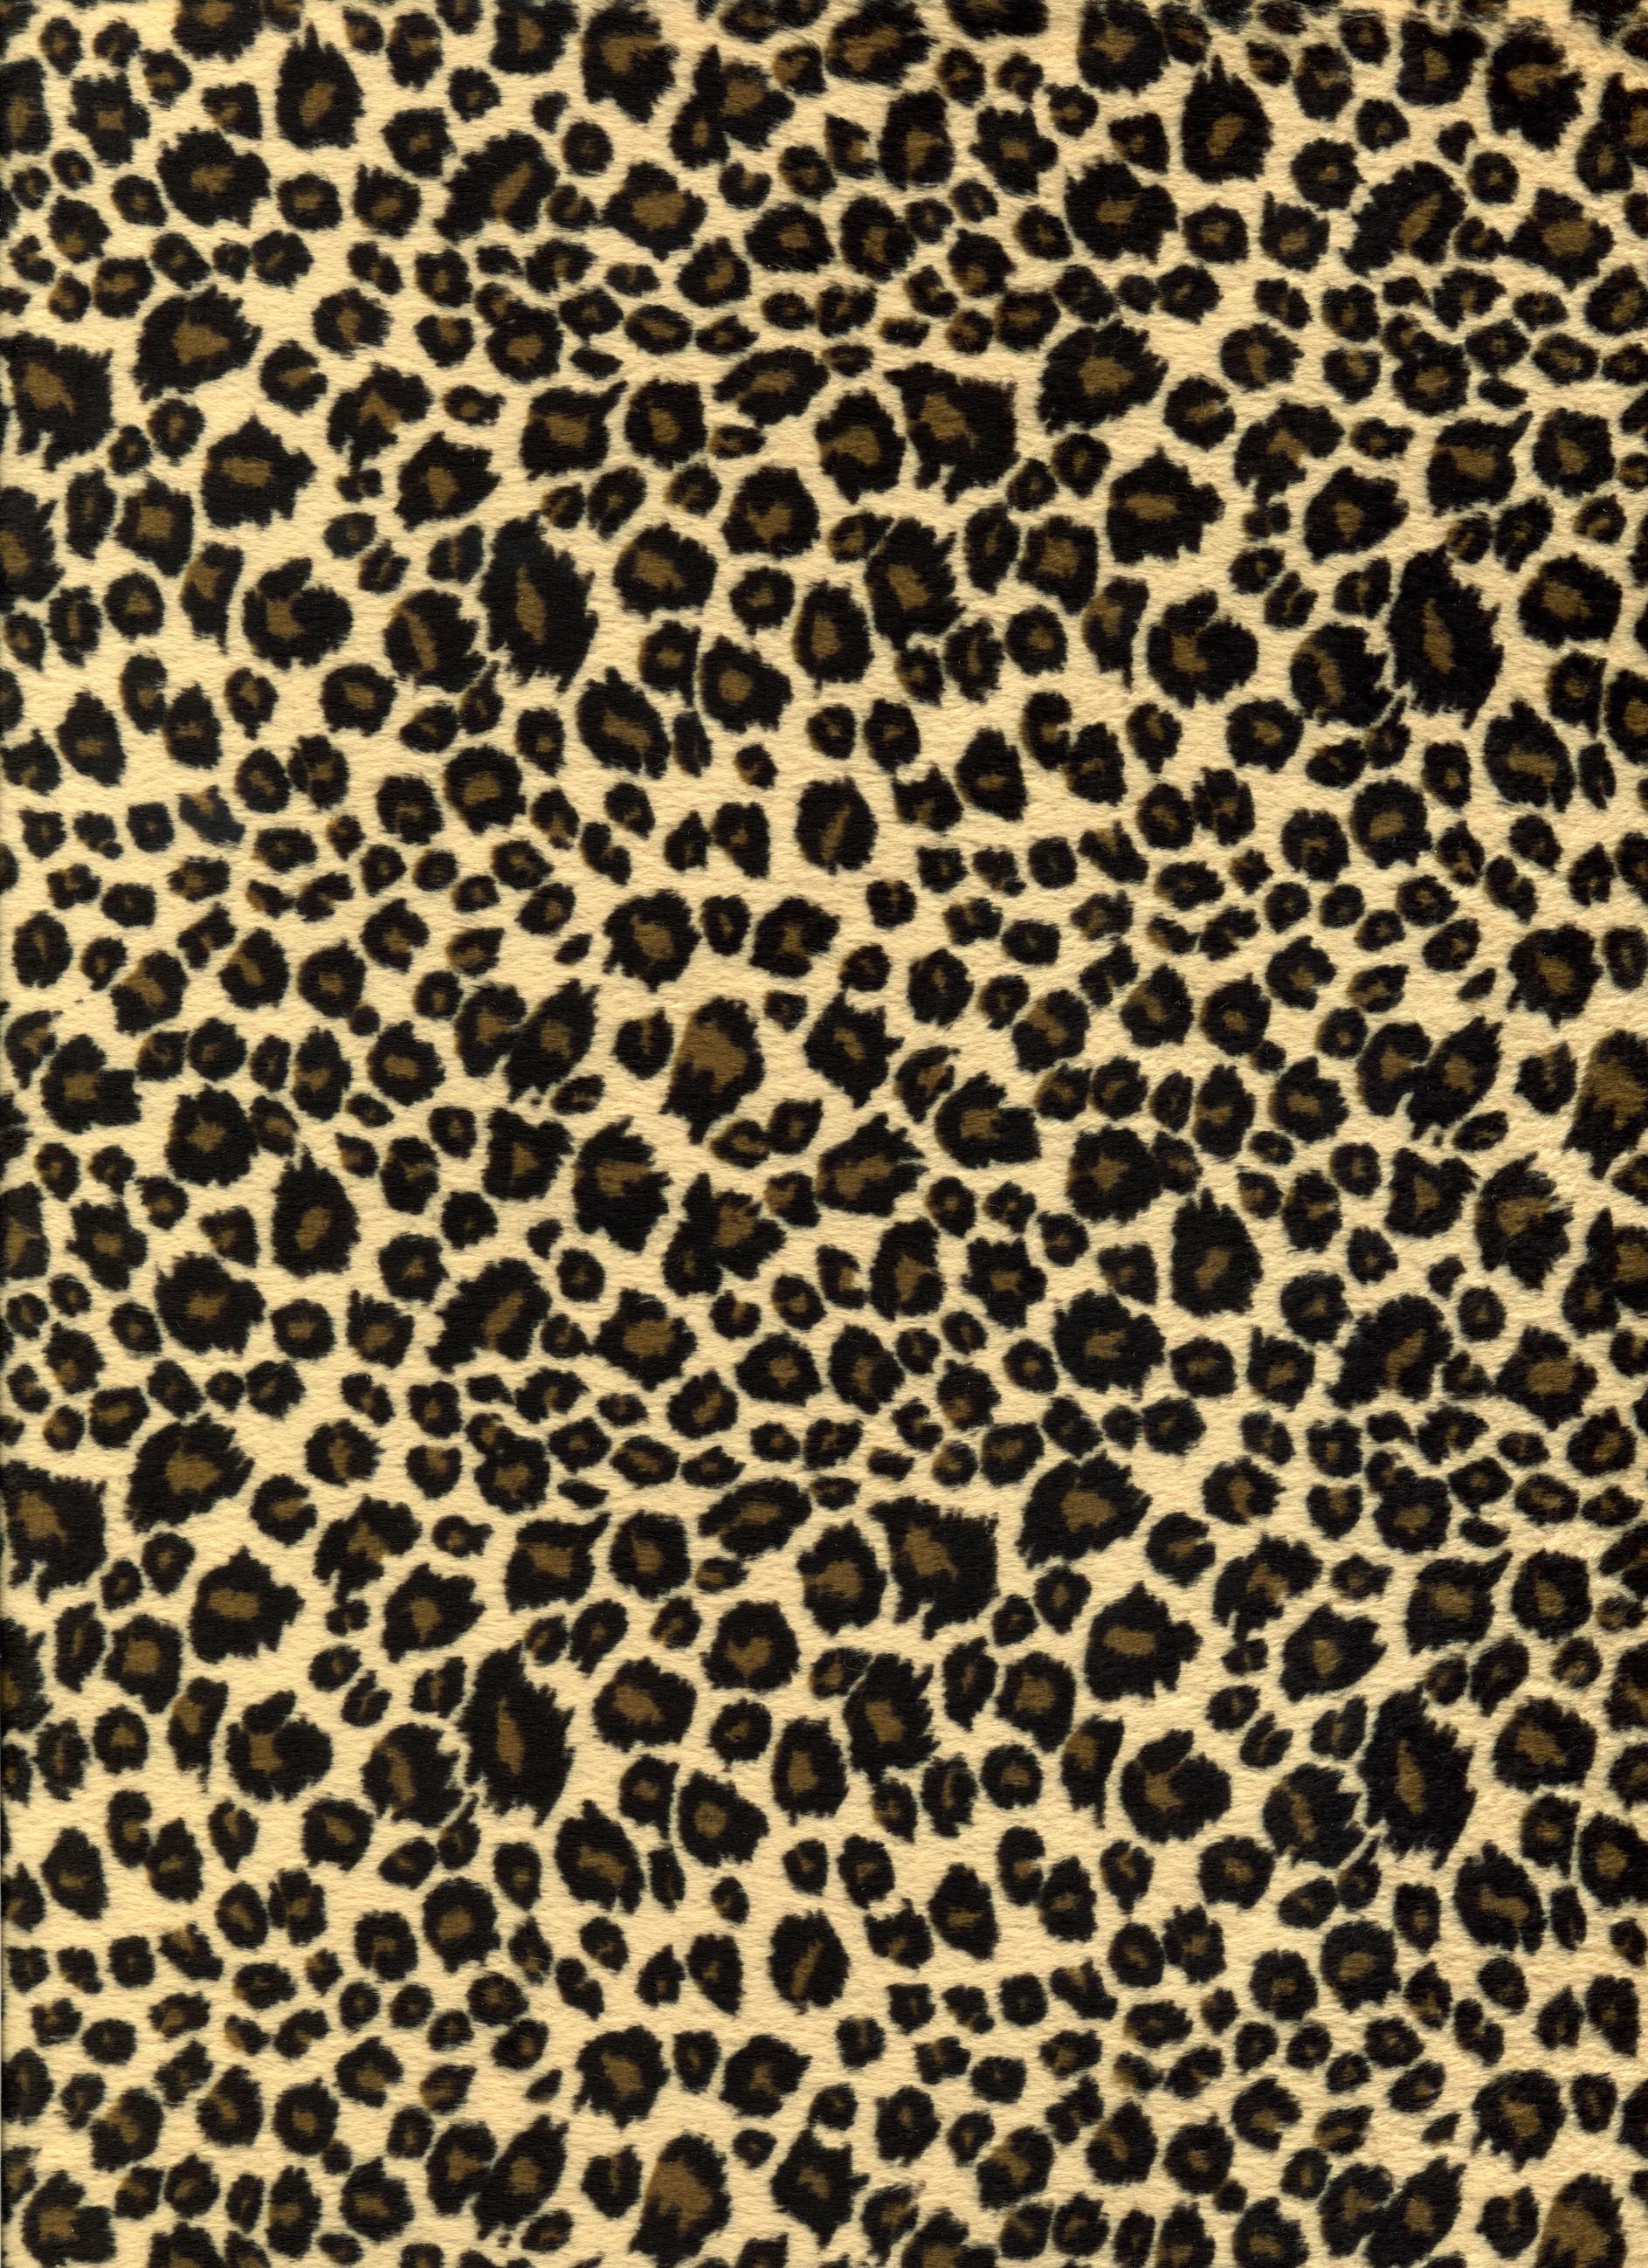 Leopard Animal Print jaguar print wallpaper   JohnyWheels 1887x2597